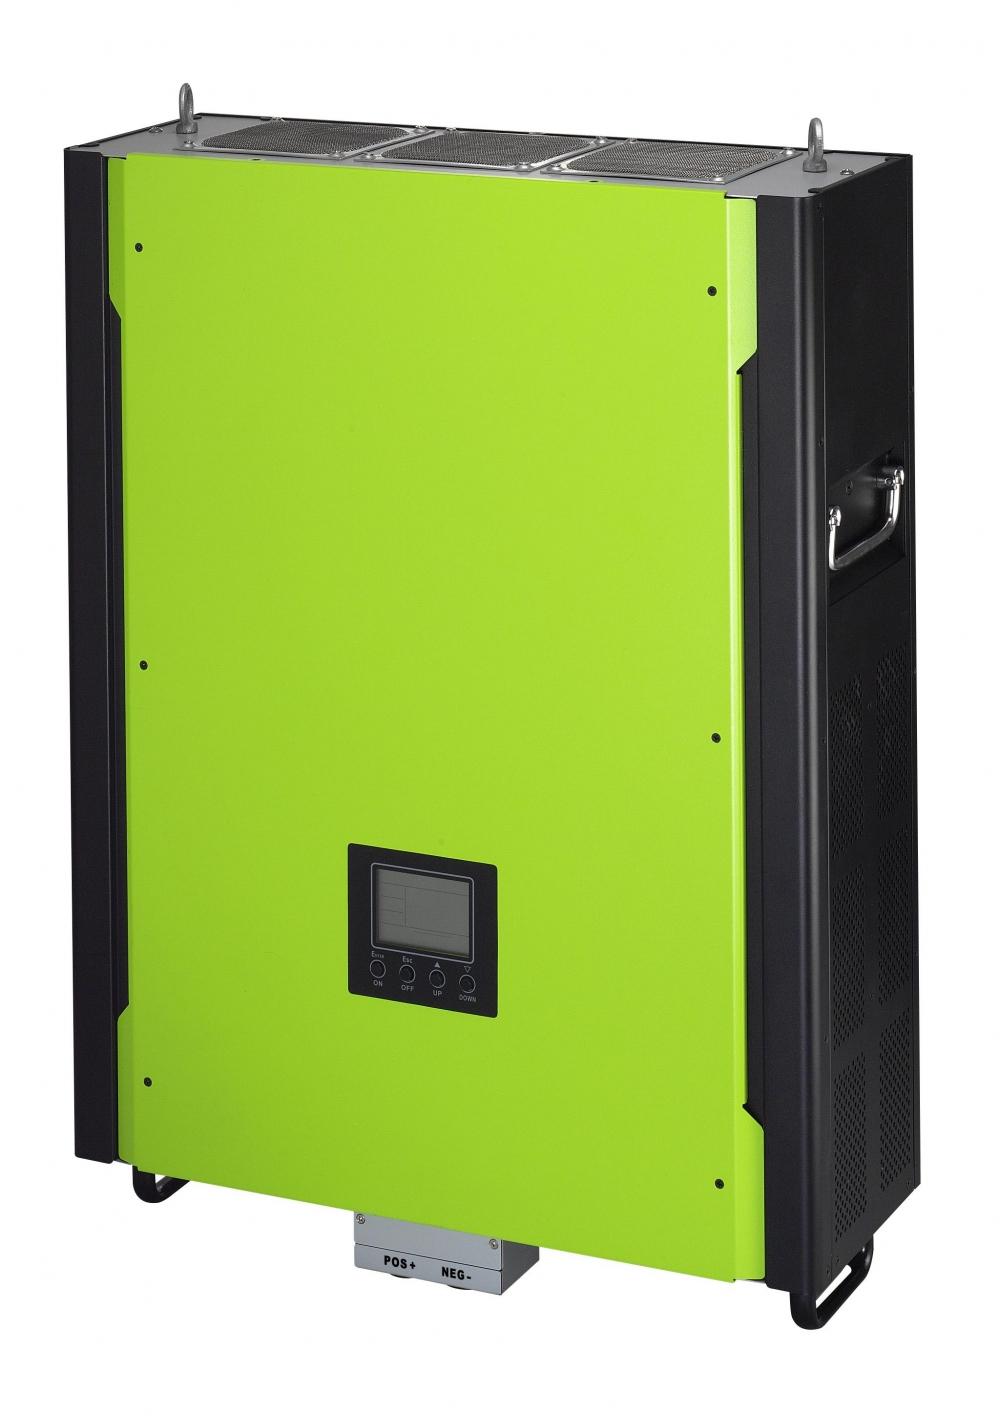 Сетевой солнечный инвертор с резервной функцией 10кВт, 380В, трехфазный (Модель InfiniSolar 10kW) - 1